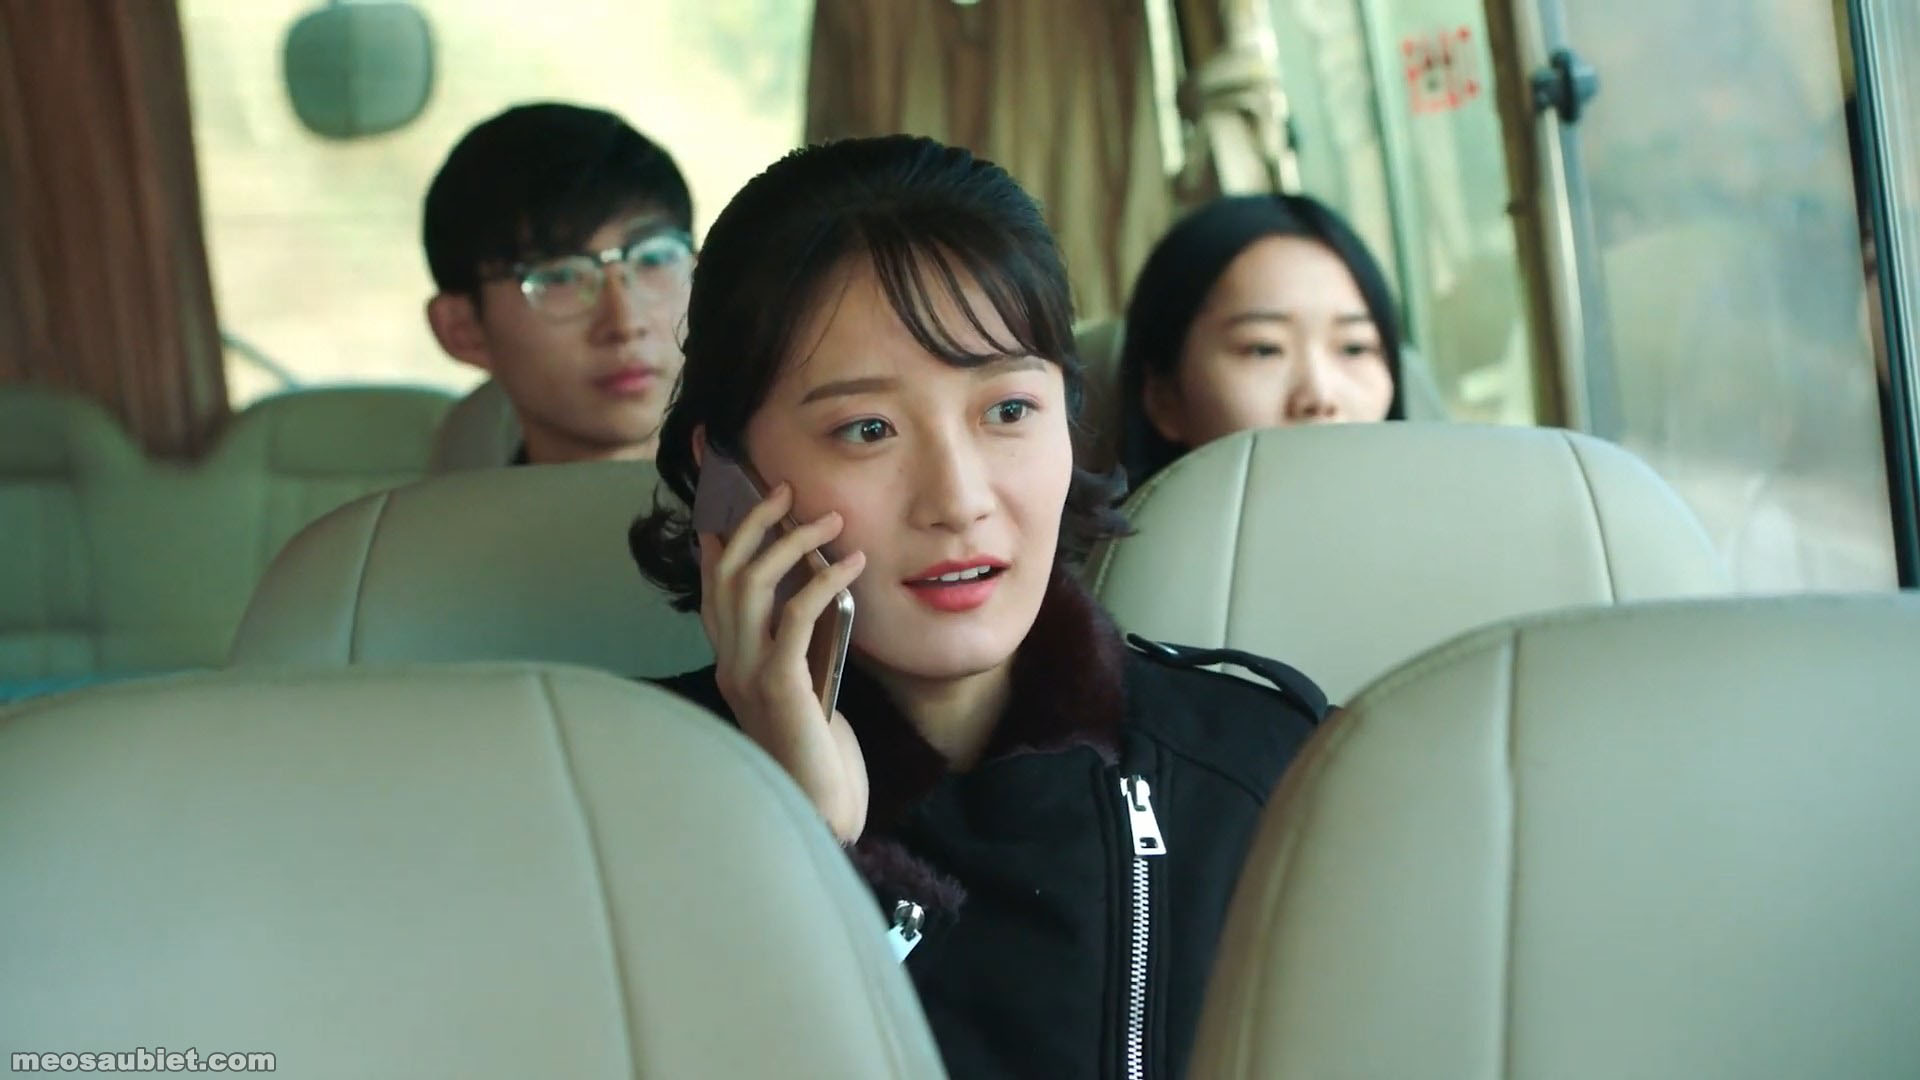 Đều là người một nhà 2019 Vương Chi Nhất trong vai Việt Tiểu Linh